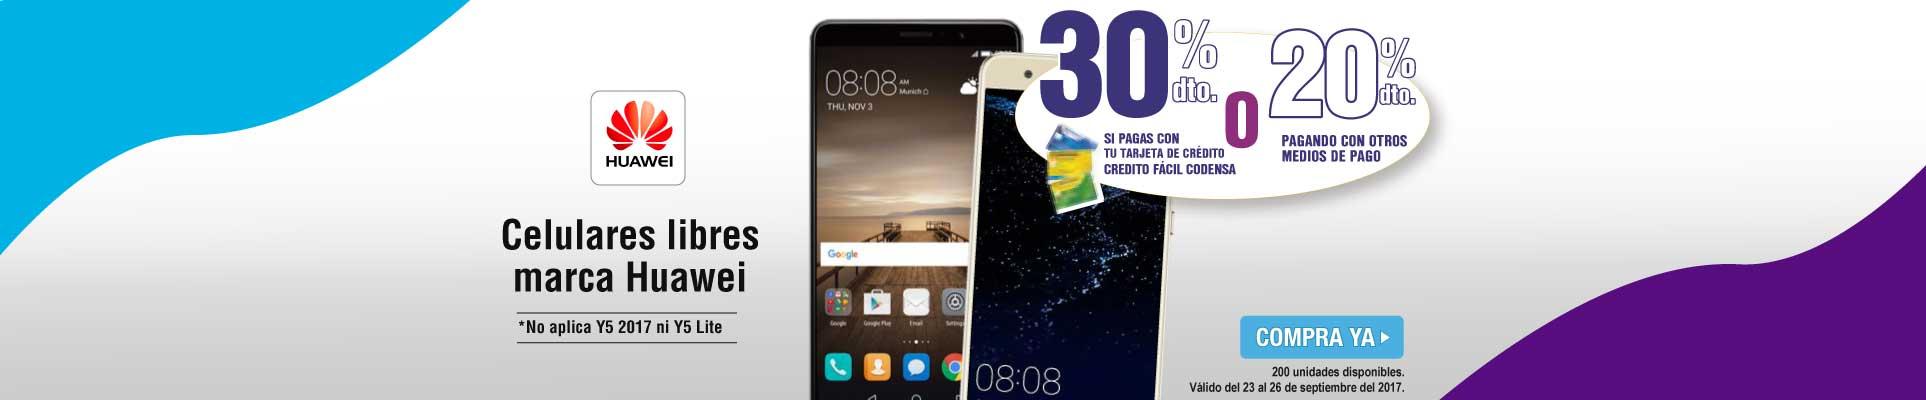 PPAL ALKP-7-celulares-Celulares Huawei-cat-septiembre23-26